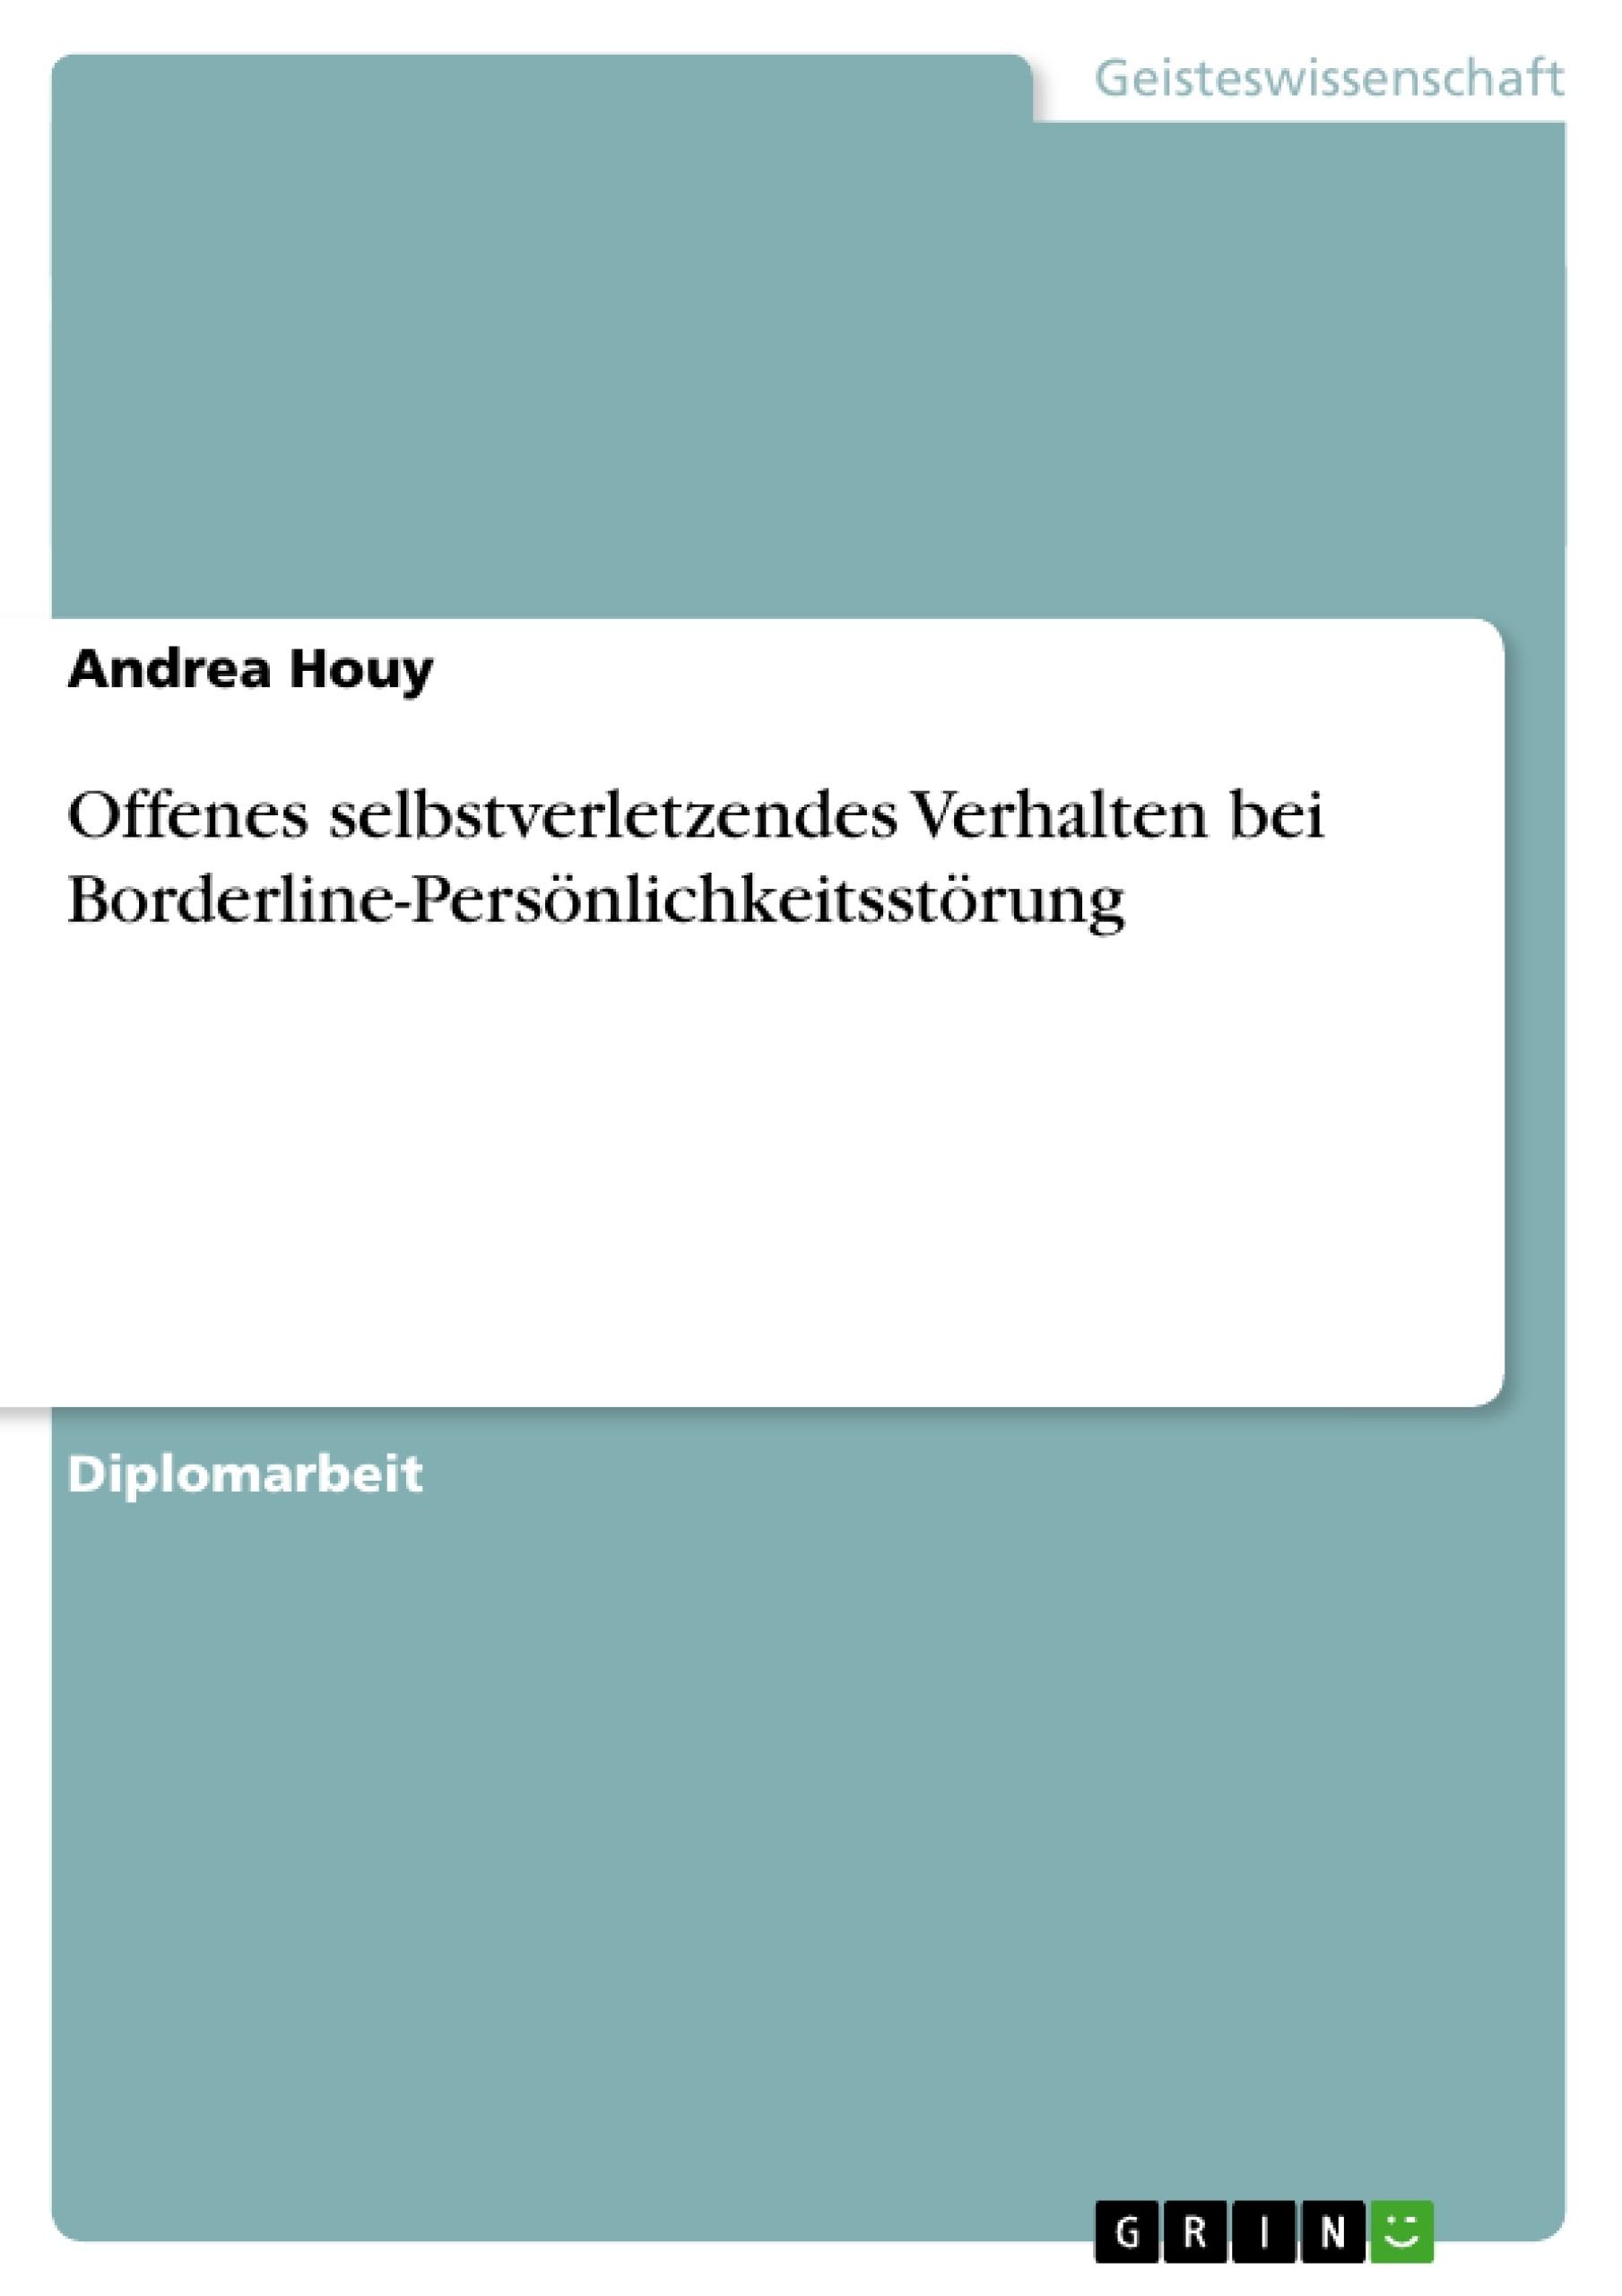 Titel: Offenes selbstverletzendes Verhalten bei Borderline-Persönlichkeitsstörung